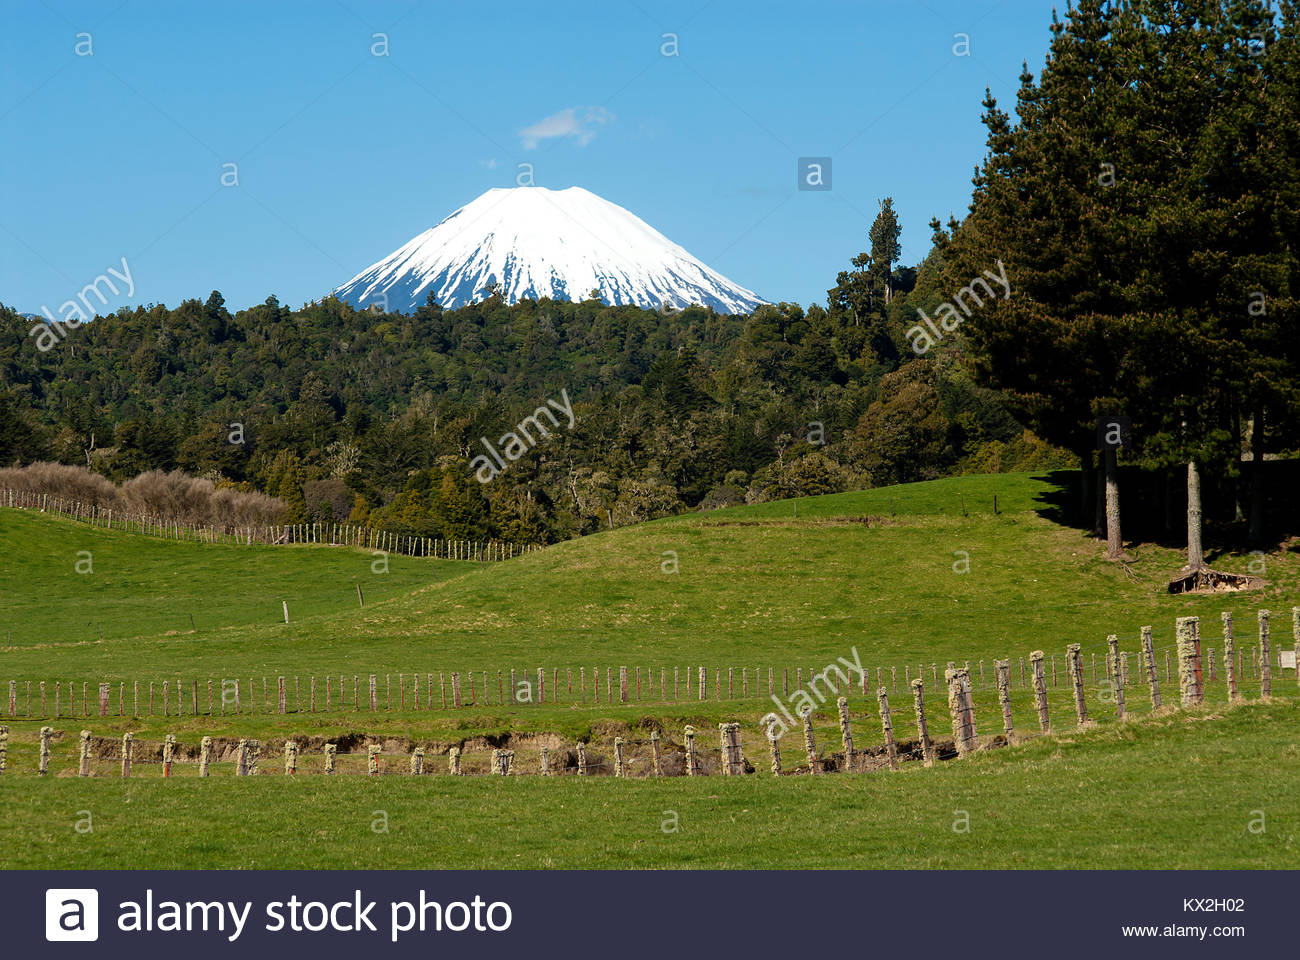 nouvelle z lande paysage avec mt ngauruhoe volcan dans la. Black Bedroom Furniture Sets. Home Design Ideas